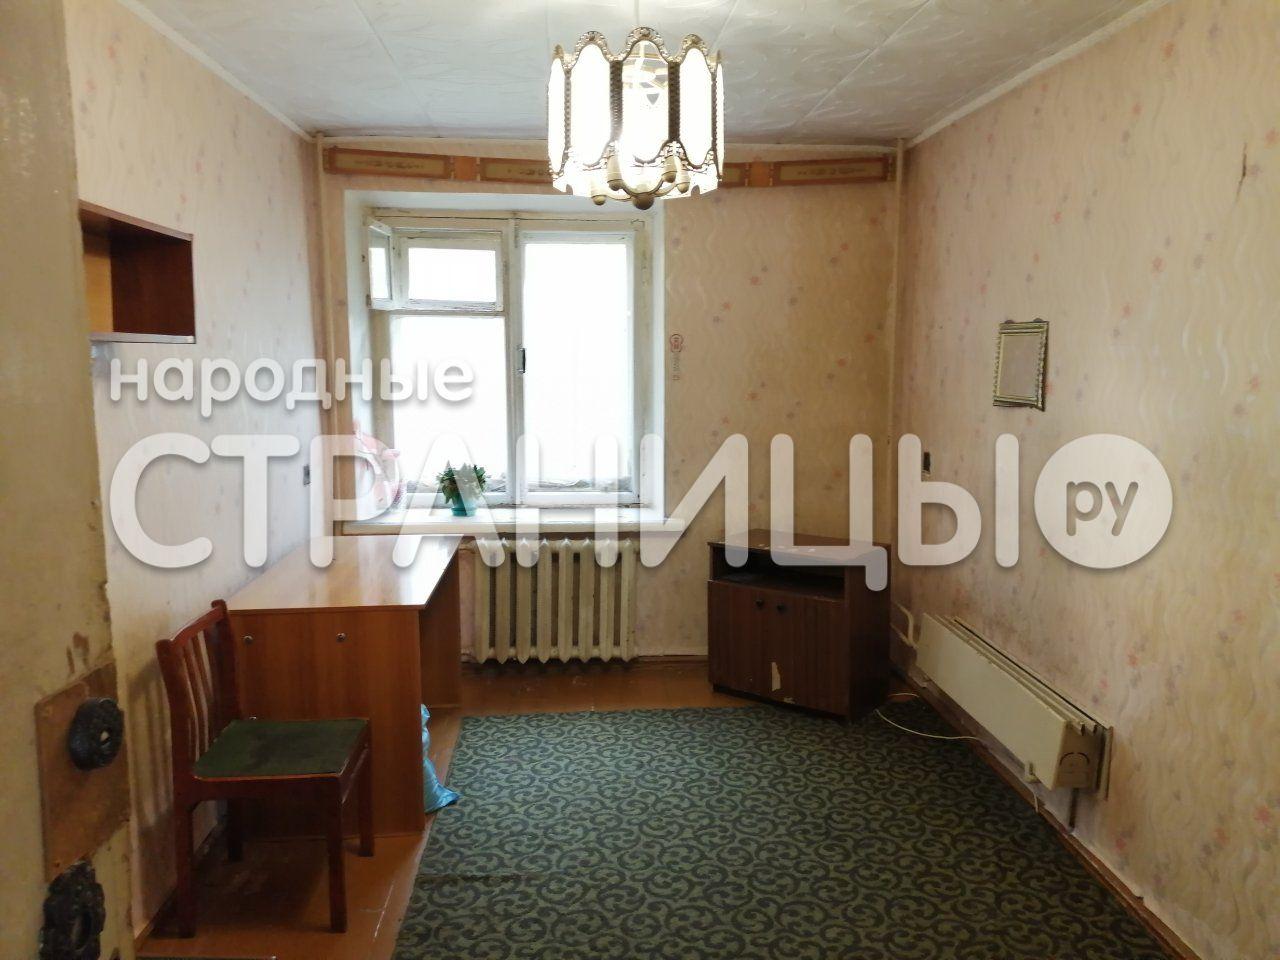 Комната в 4-к кв. 2 этаж, 100.0 кв.м.